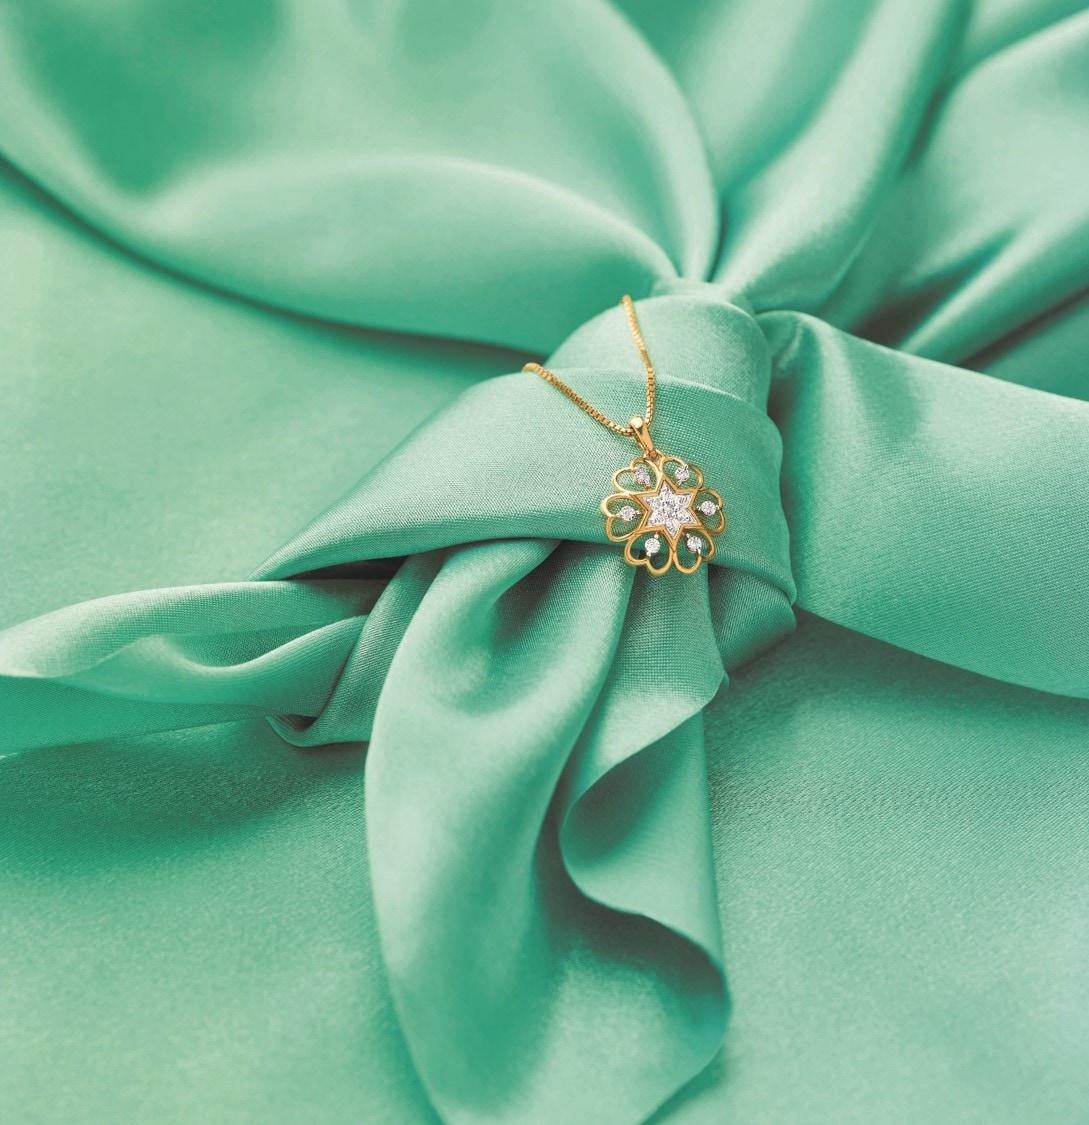 ఇవి బంగారంతో పాటు డైమండ్స్ తో చూడడానికి కనుల విందుగా ఉండేలా తయారు చేశారు.(Reliance Jewels Valentine's Day collection)